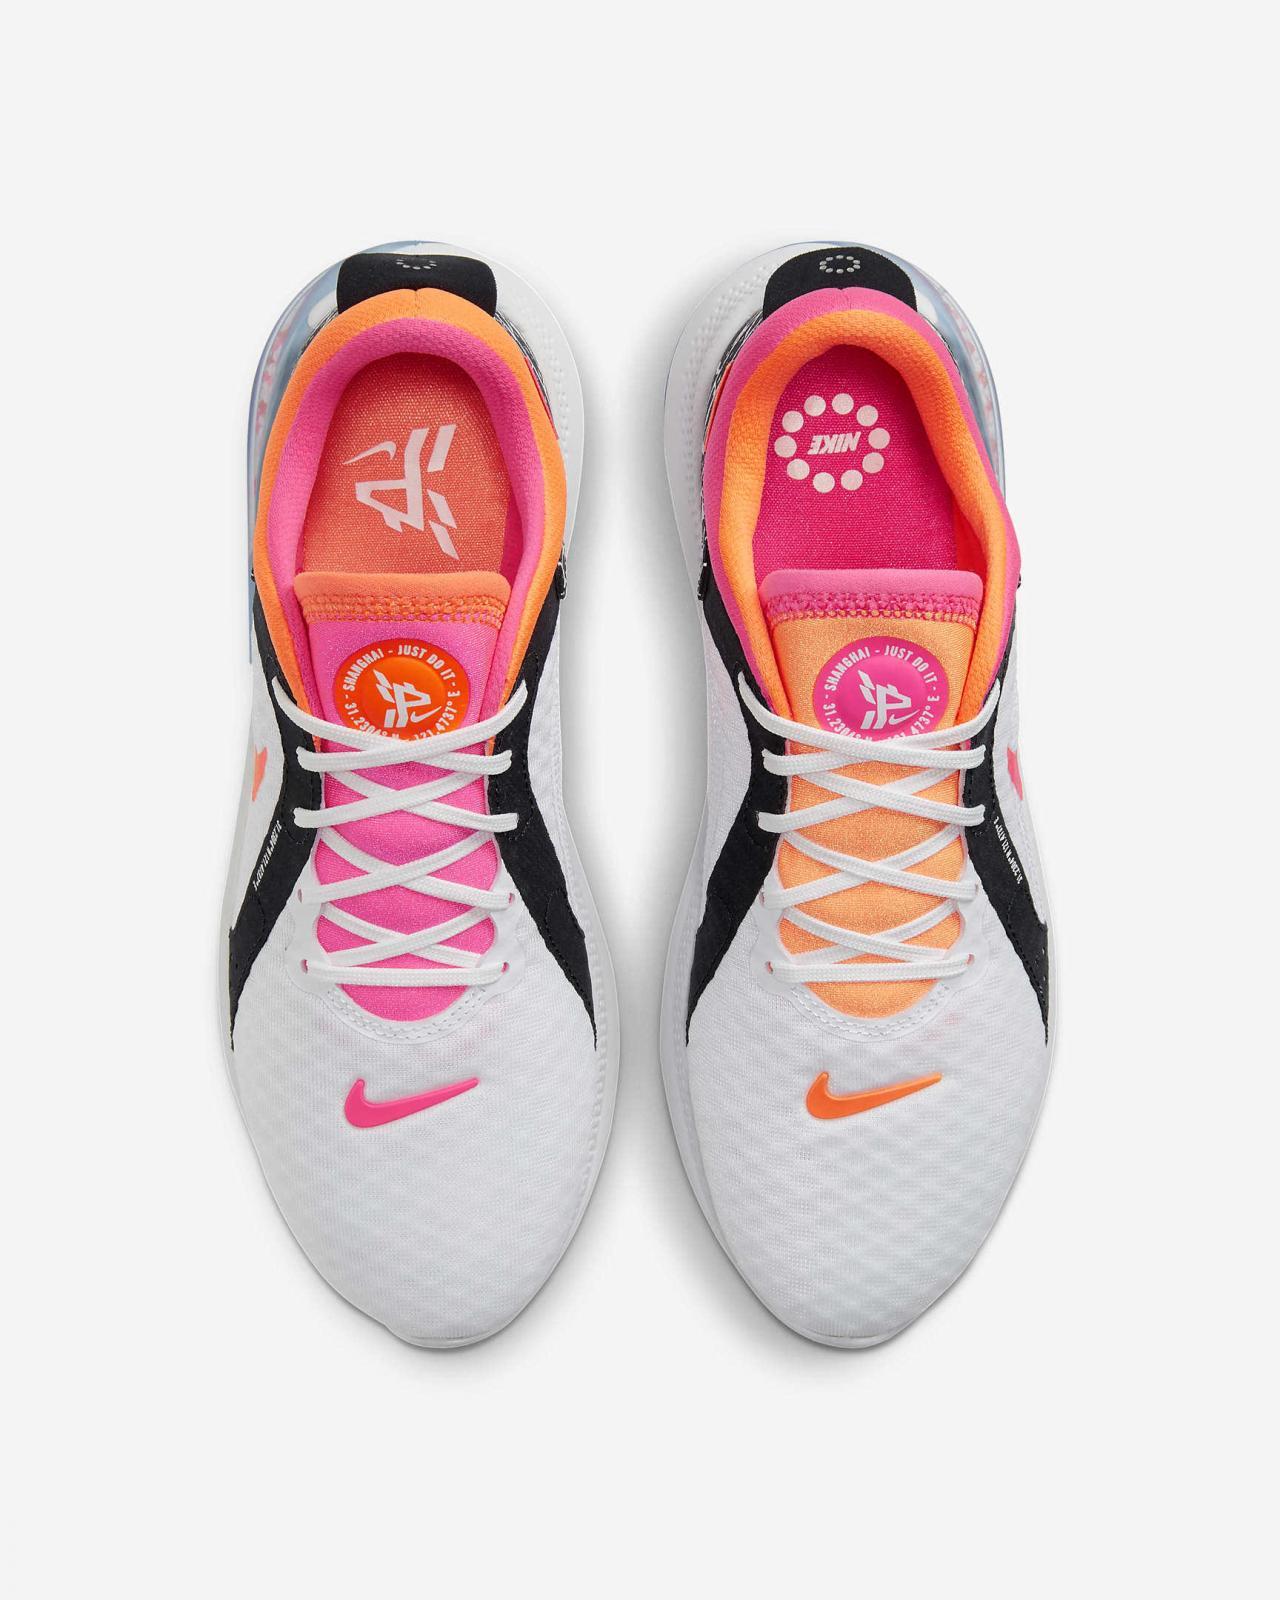 Nike Running推出全新上海限定白/黑/透明粉色WMNS Joyride Dual Run 2